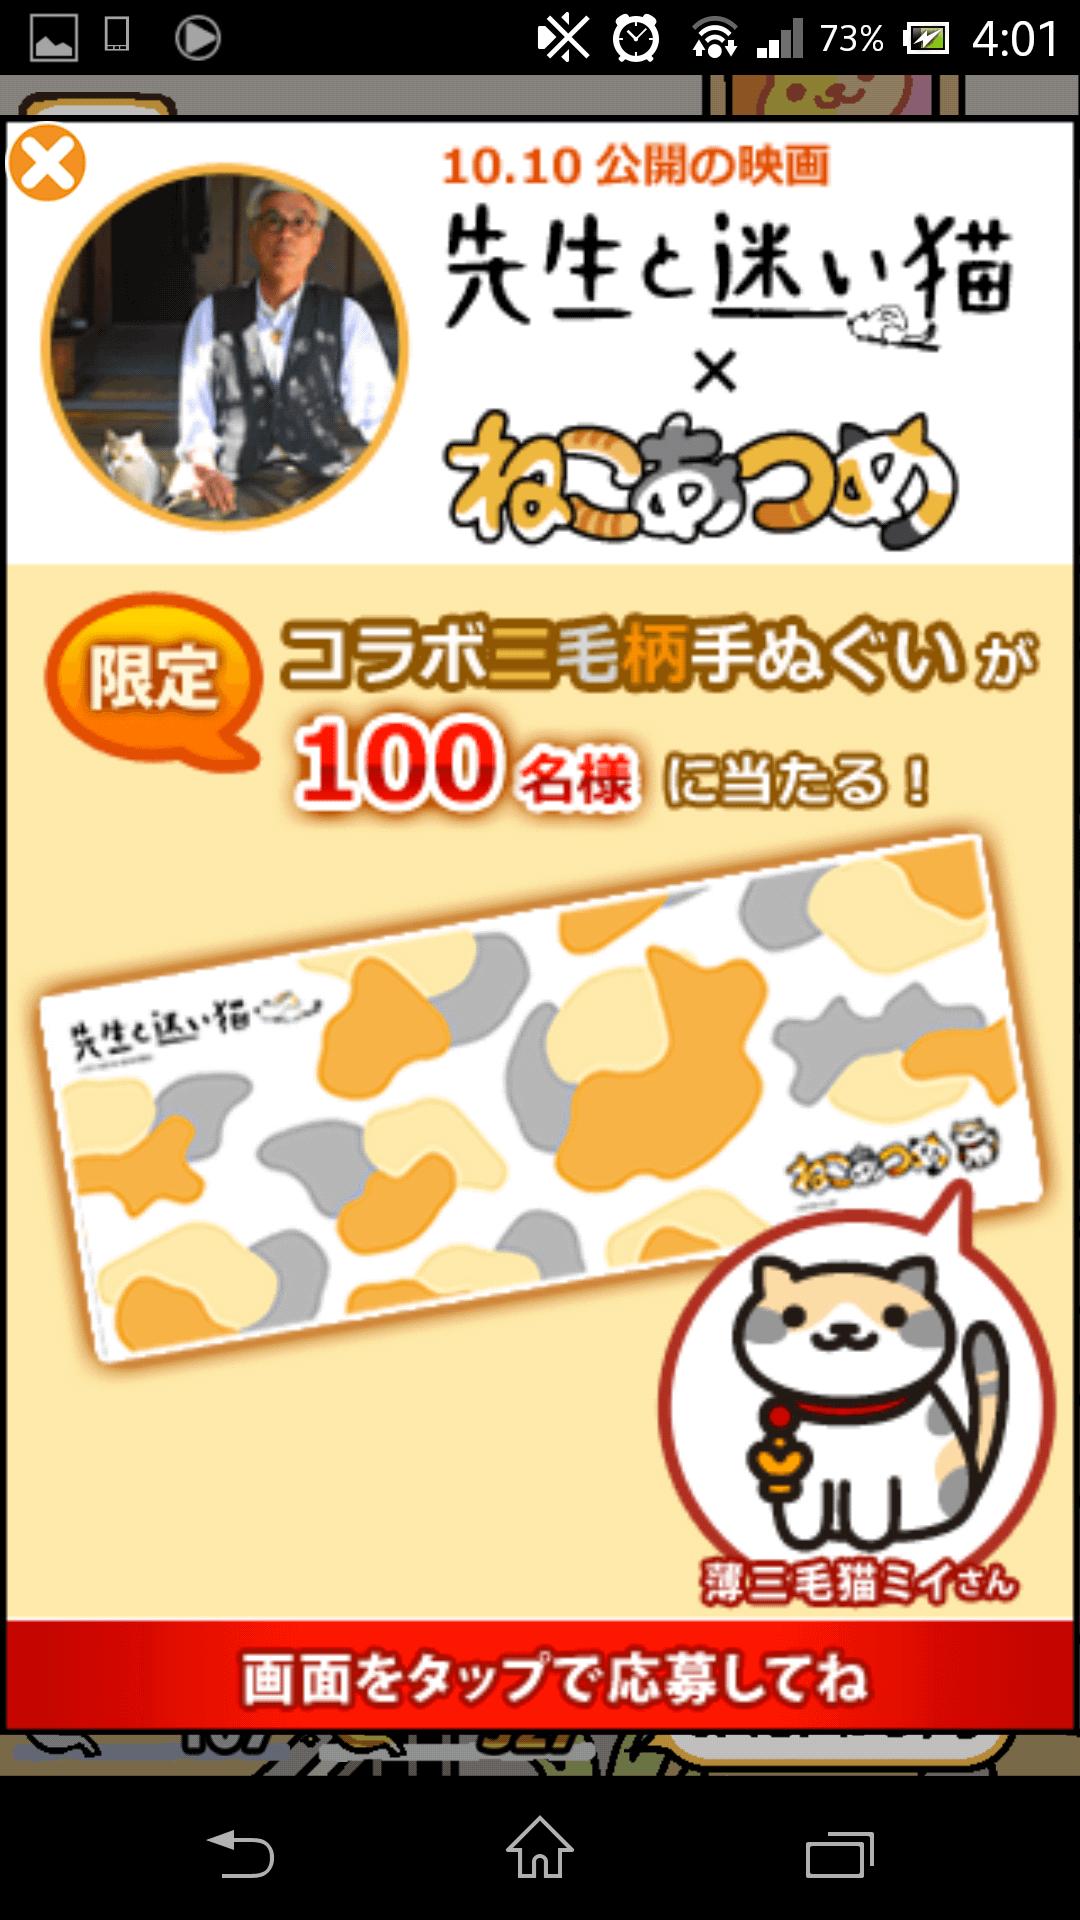 迷い猫ミイさん③.png